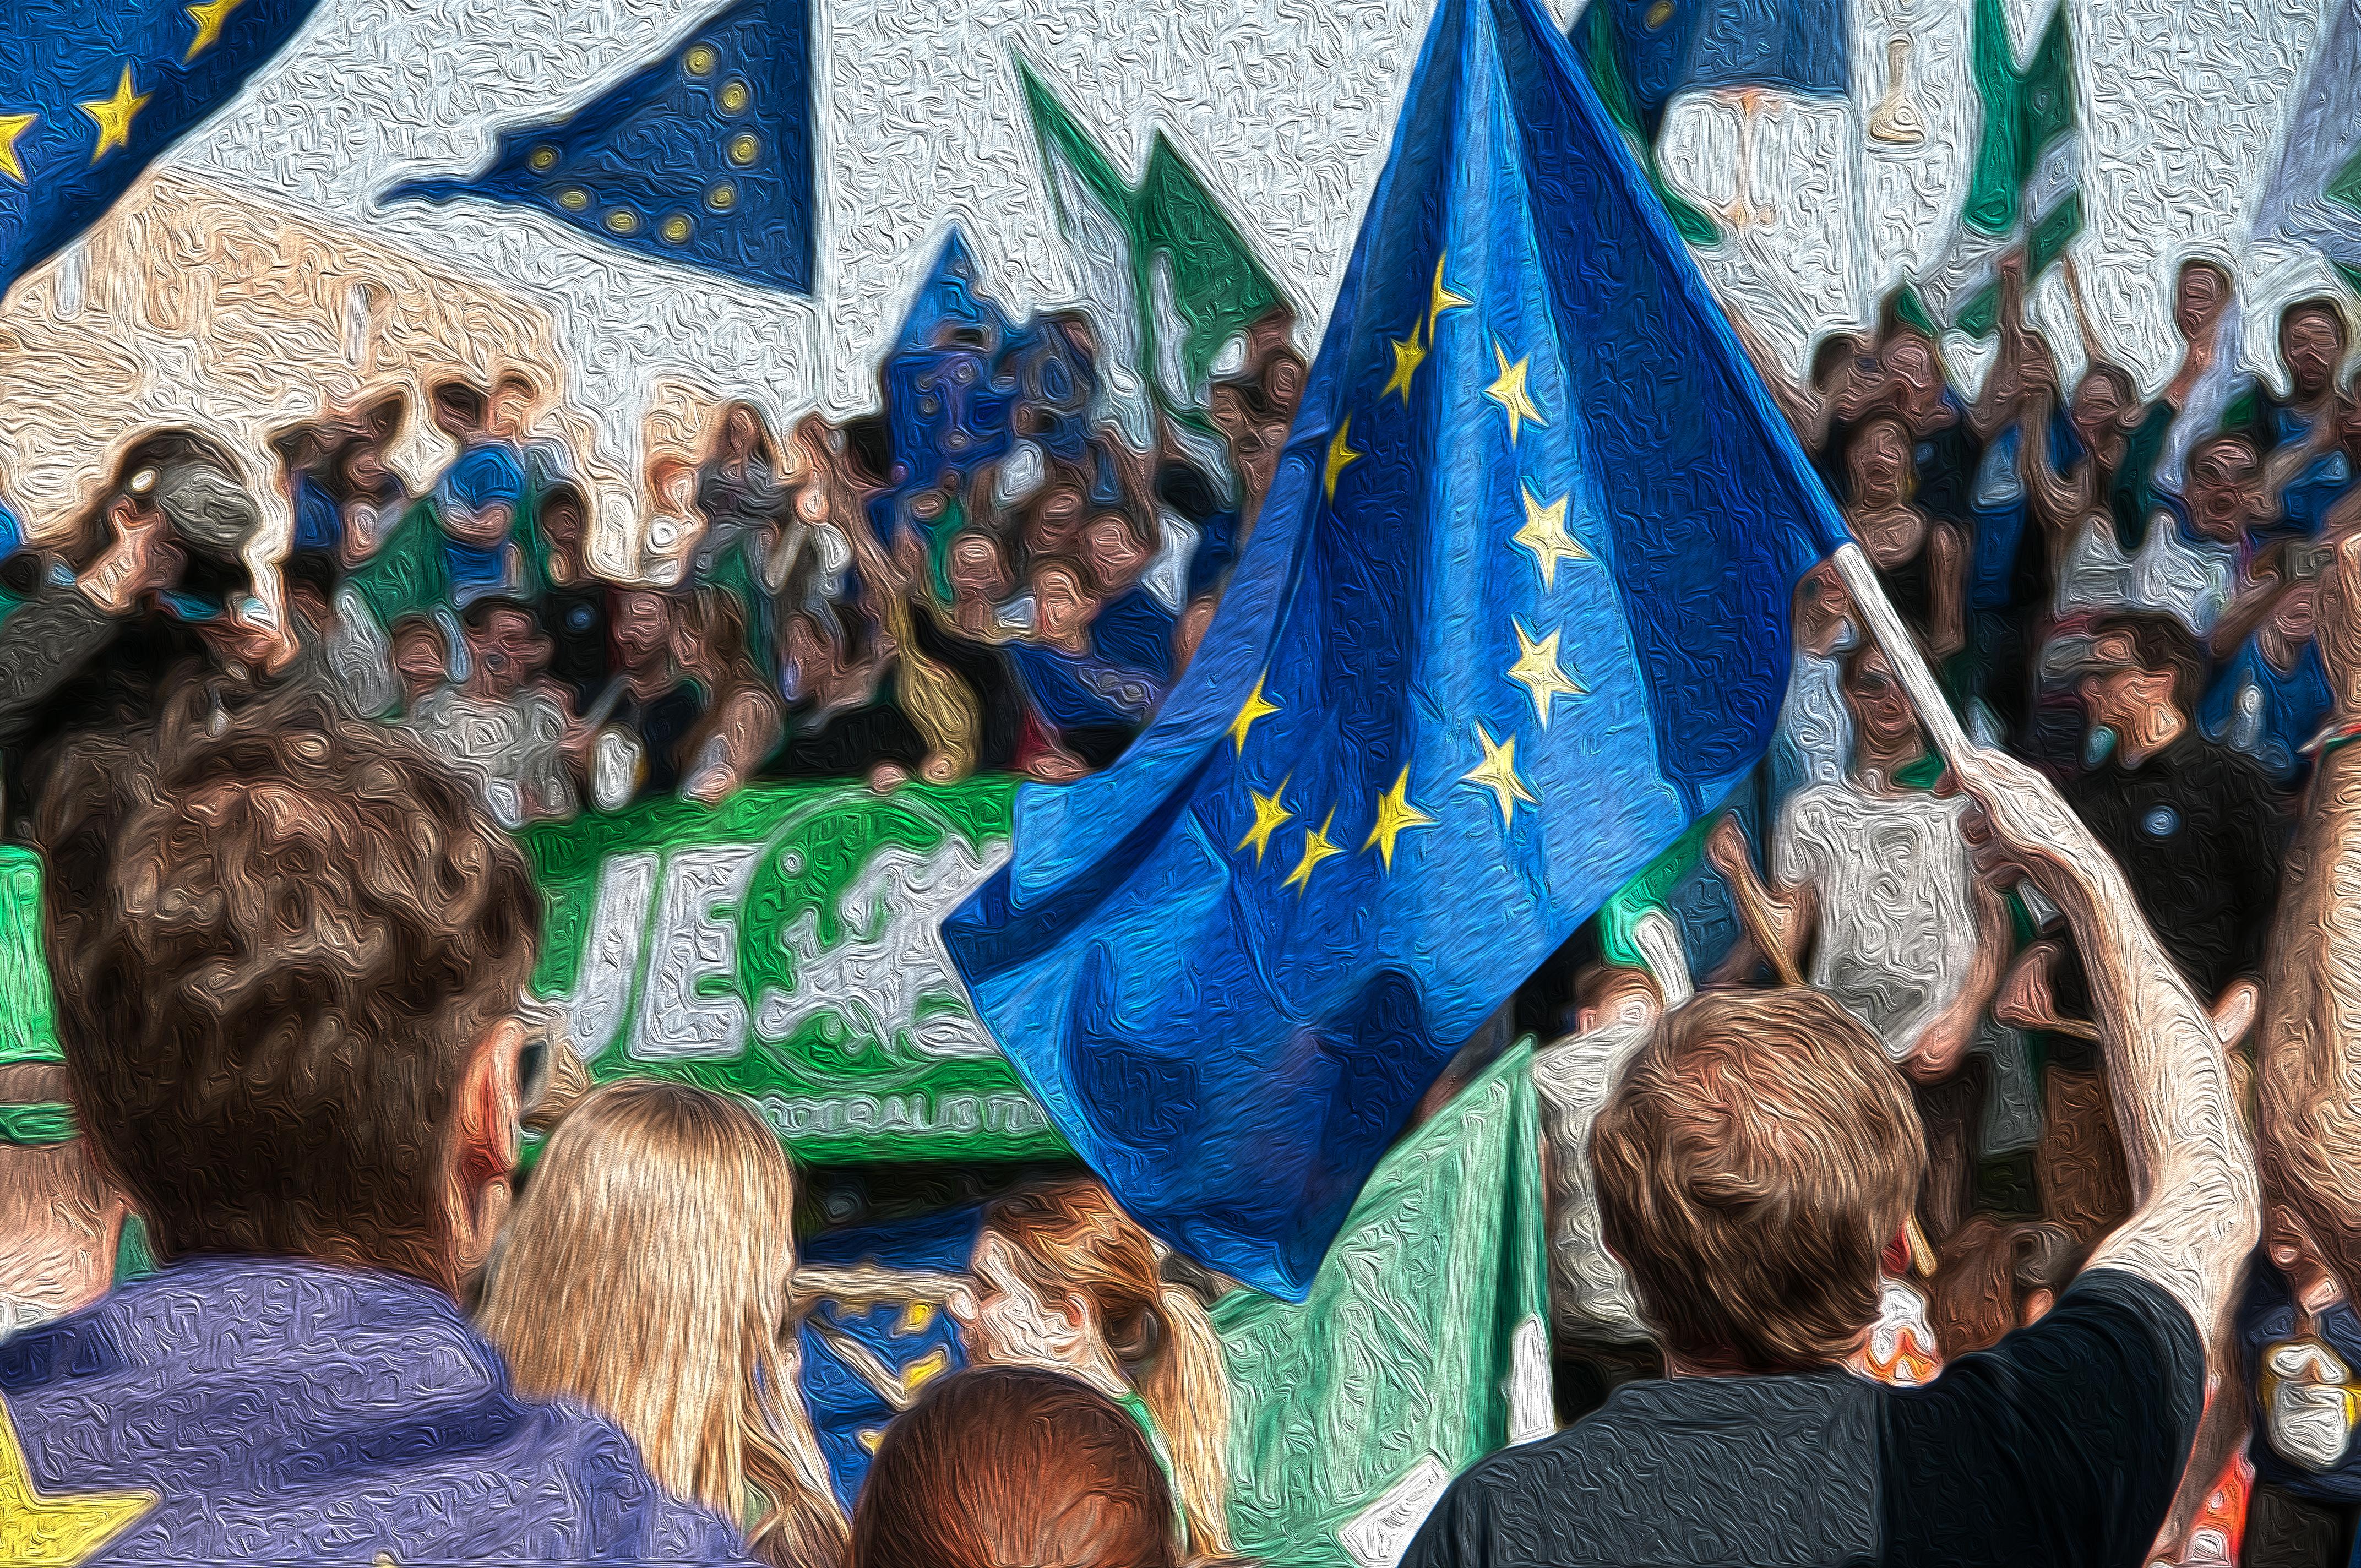 Europawahlen 2019, eine Bürgersache?!